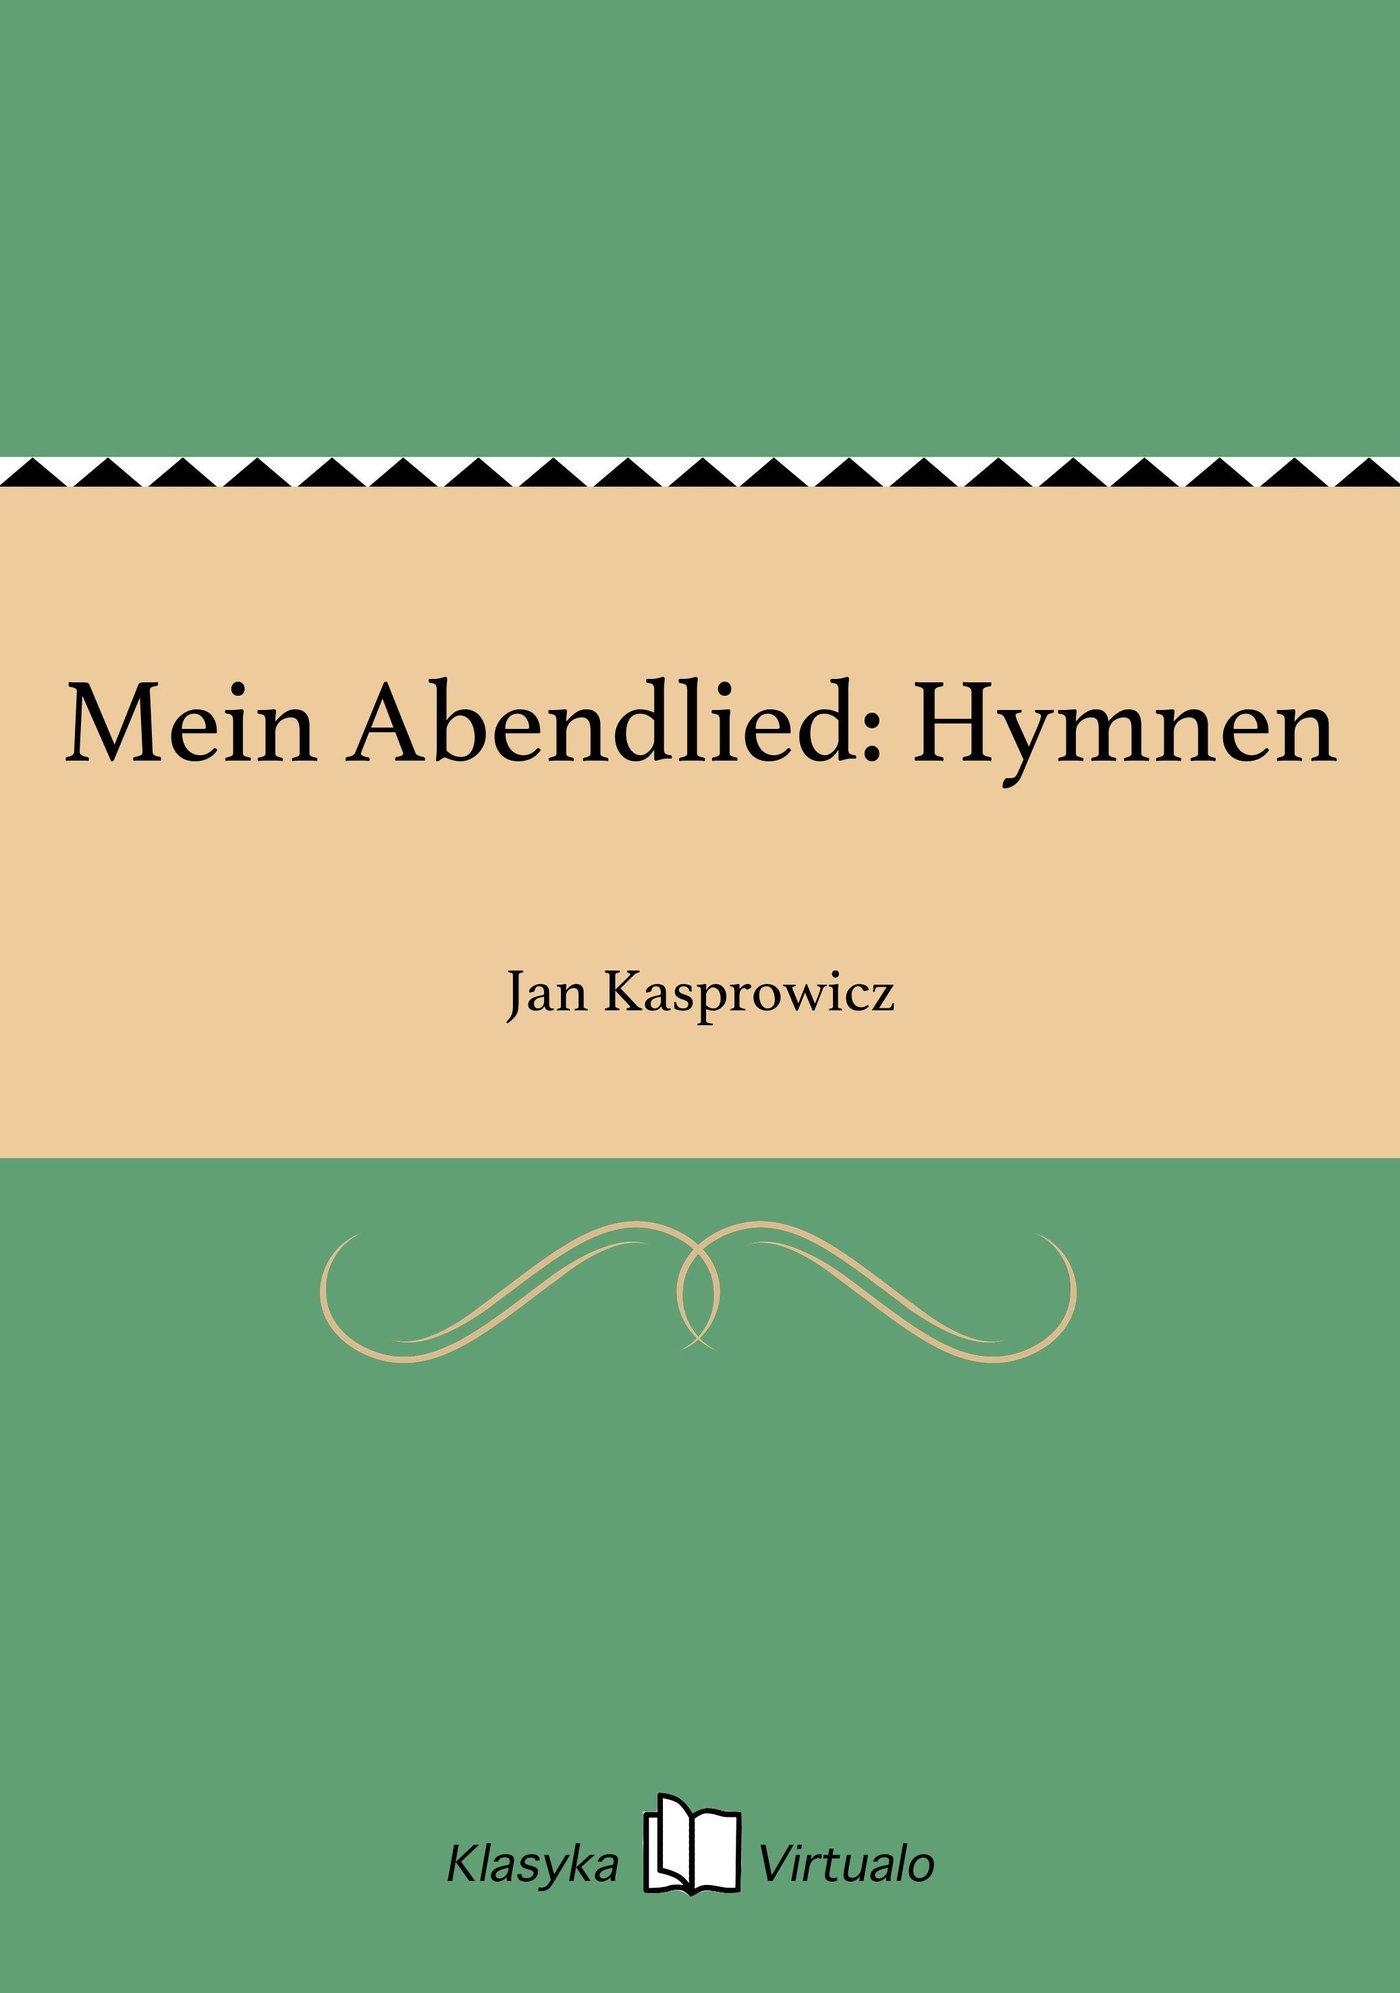 Mein Abendlied: Hymnen - Ebook (Książka EPUB) do pobrania w formacie EPUB